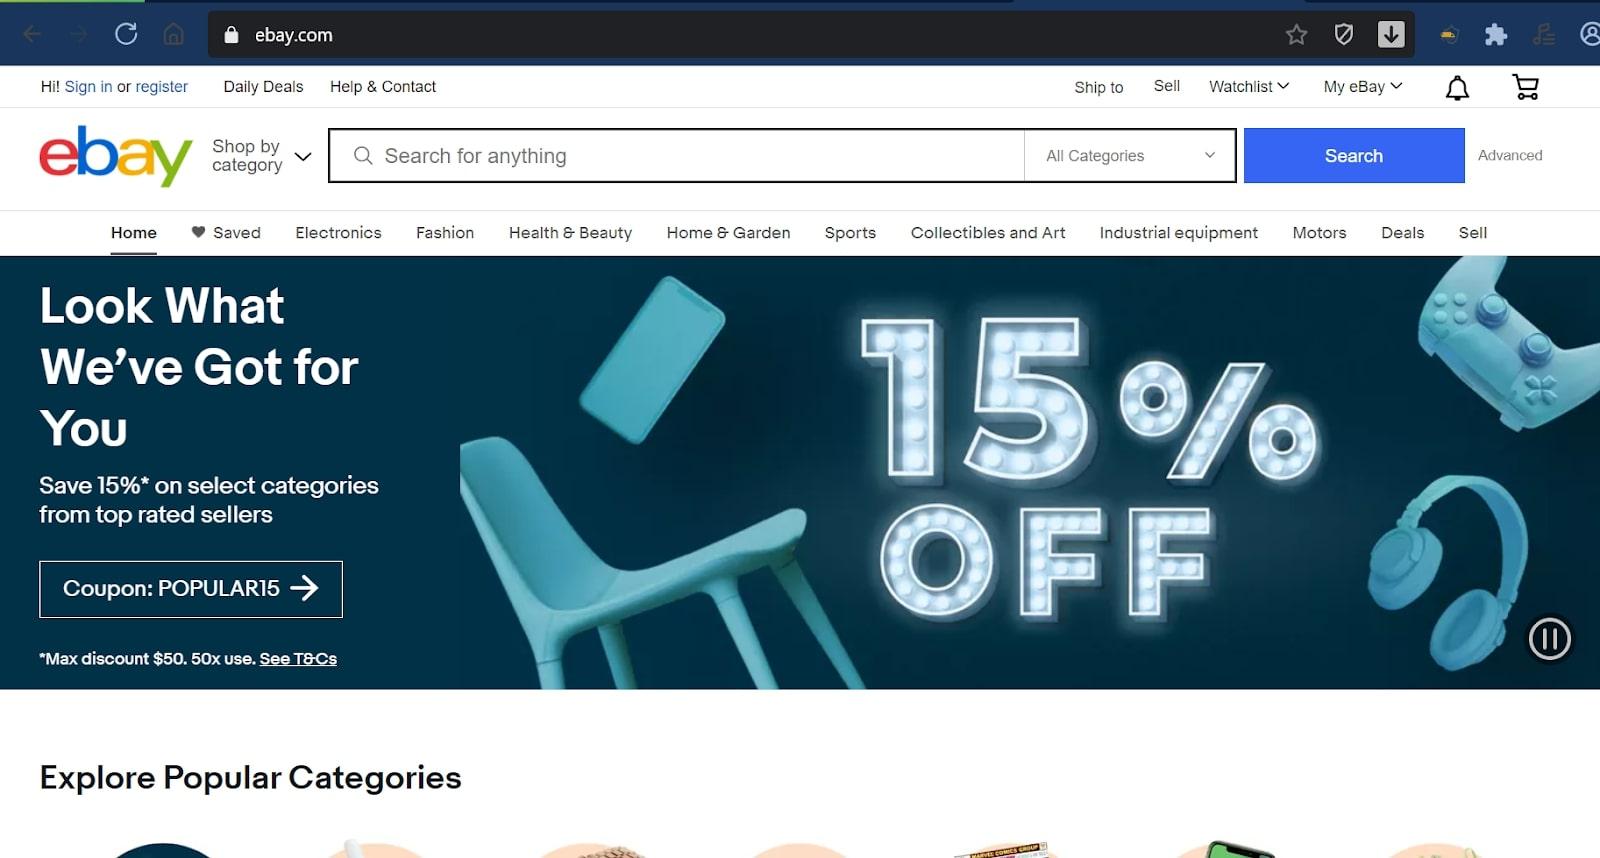 đăng nhập để mua hàng trên ebay